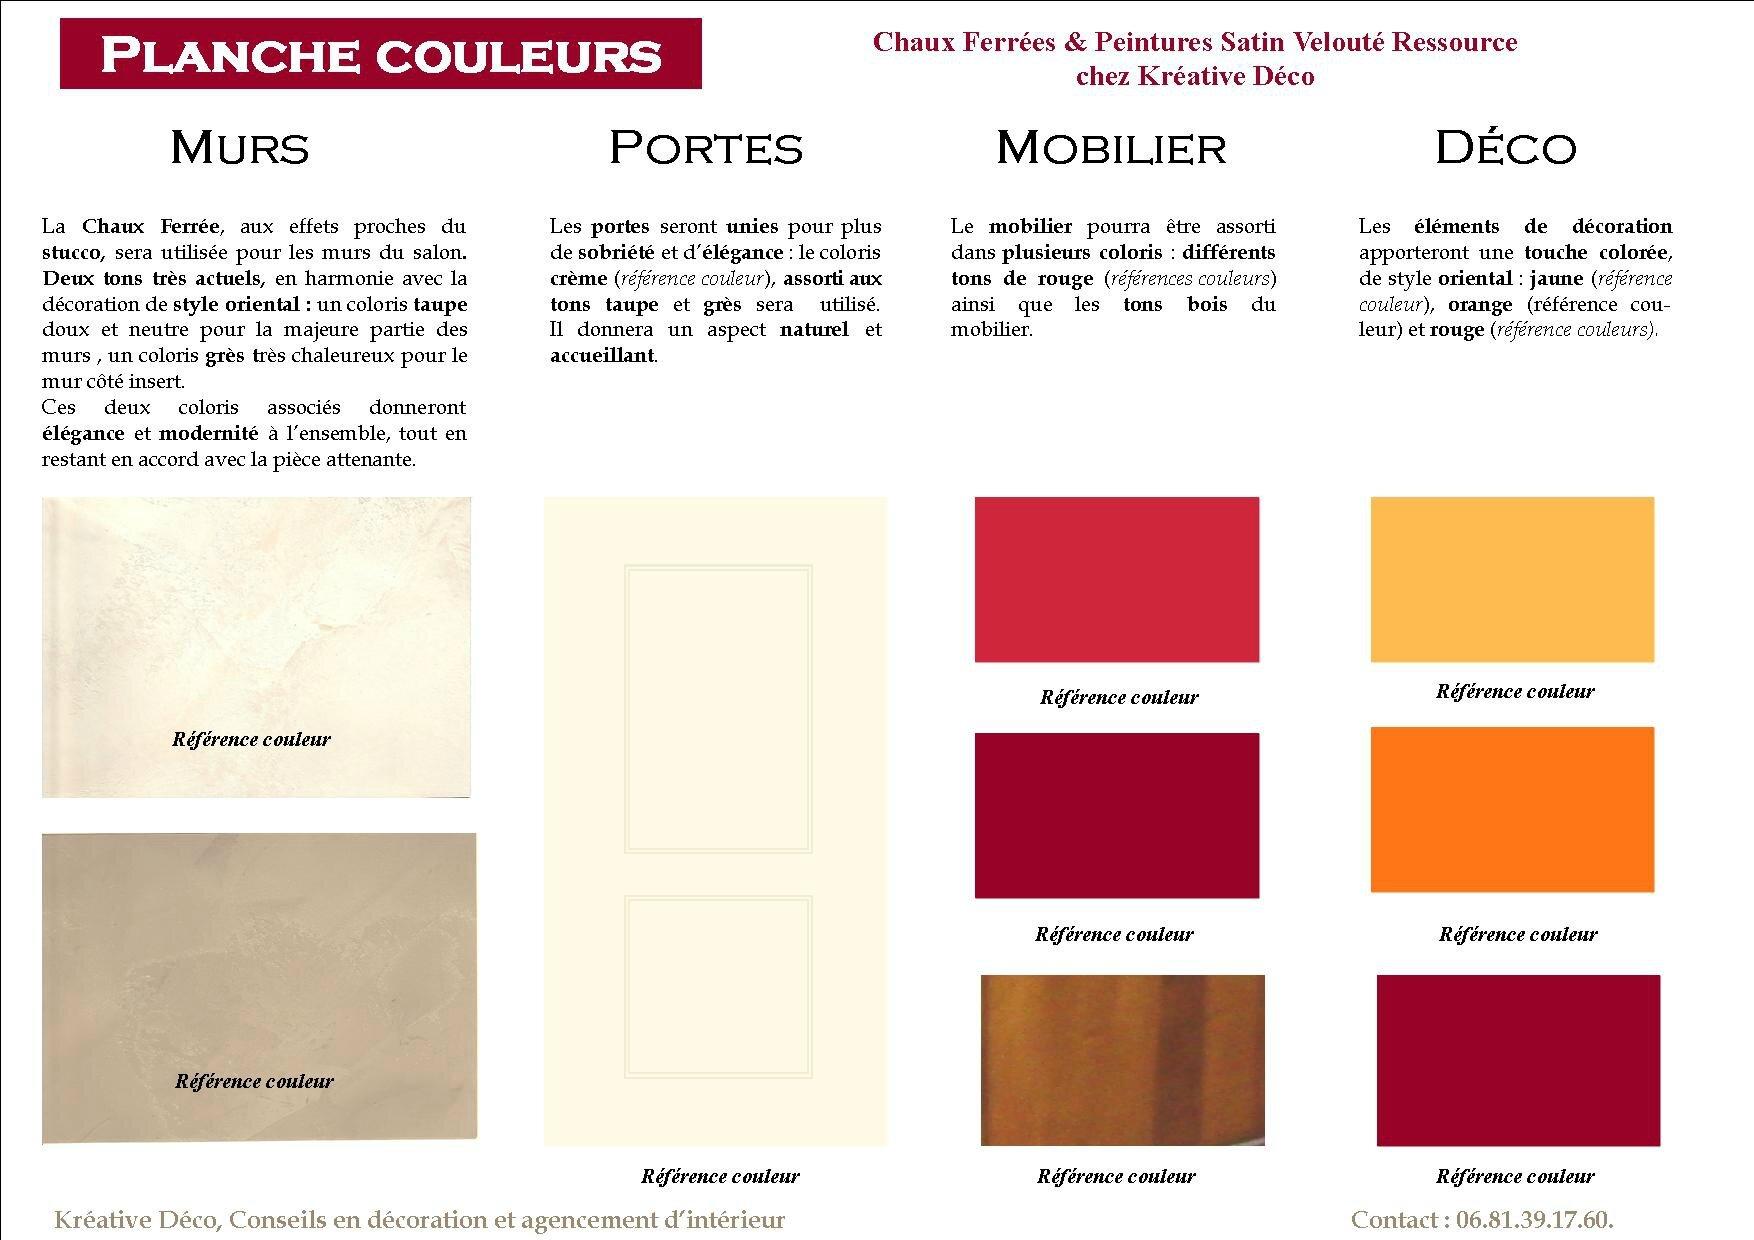 Planche couleurs